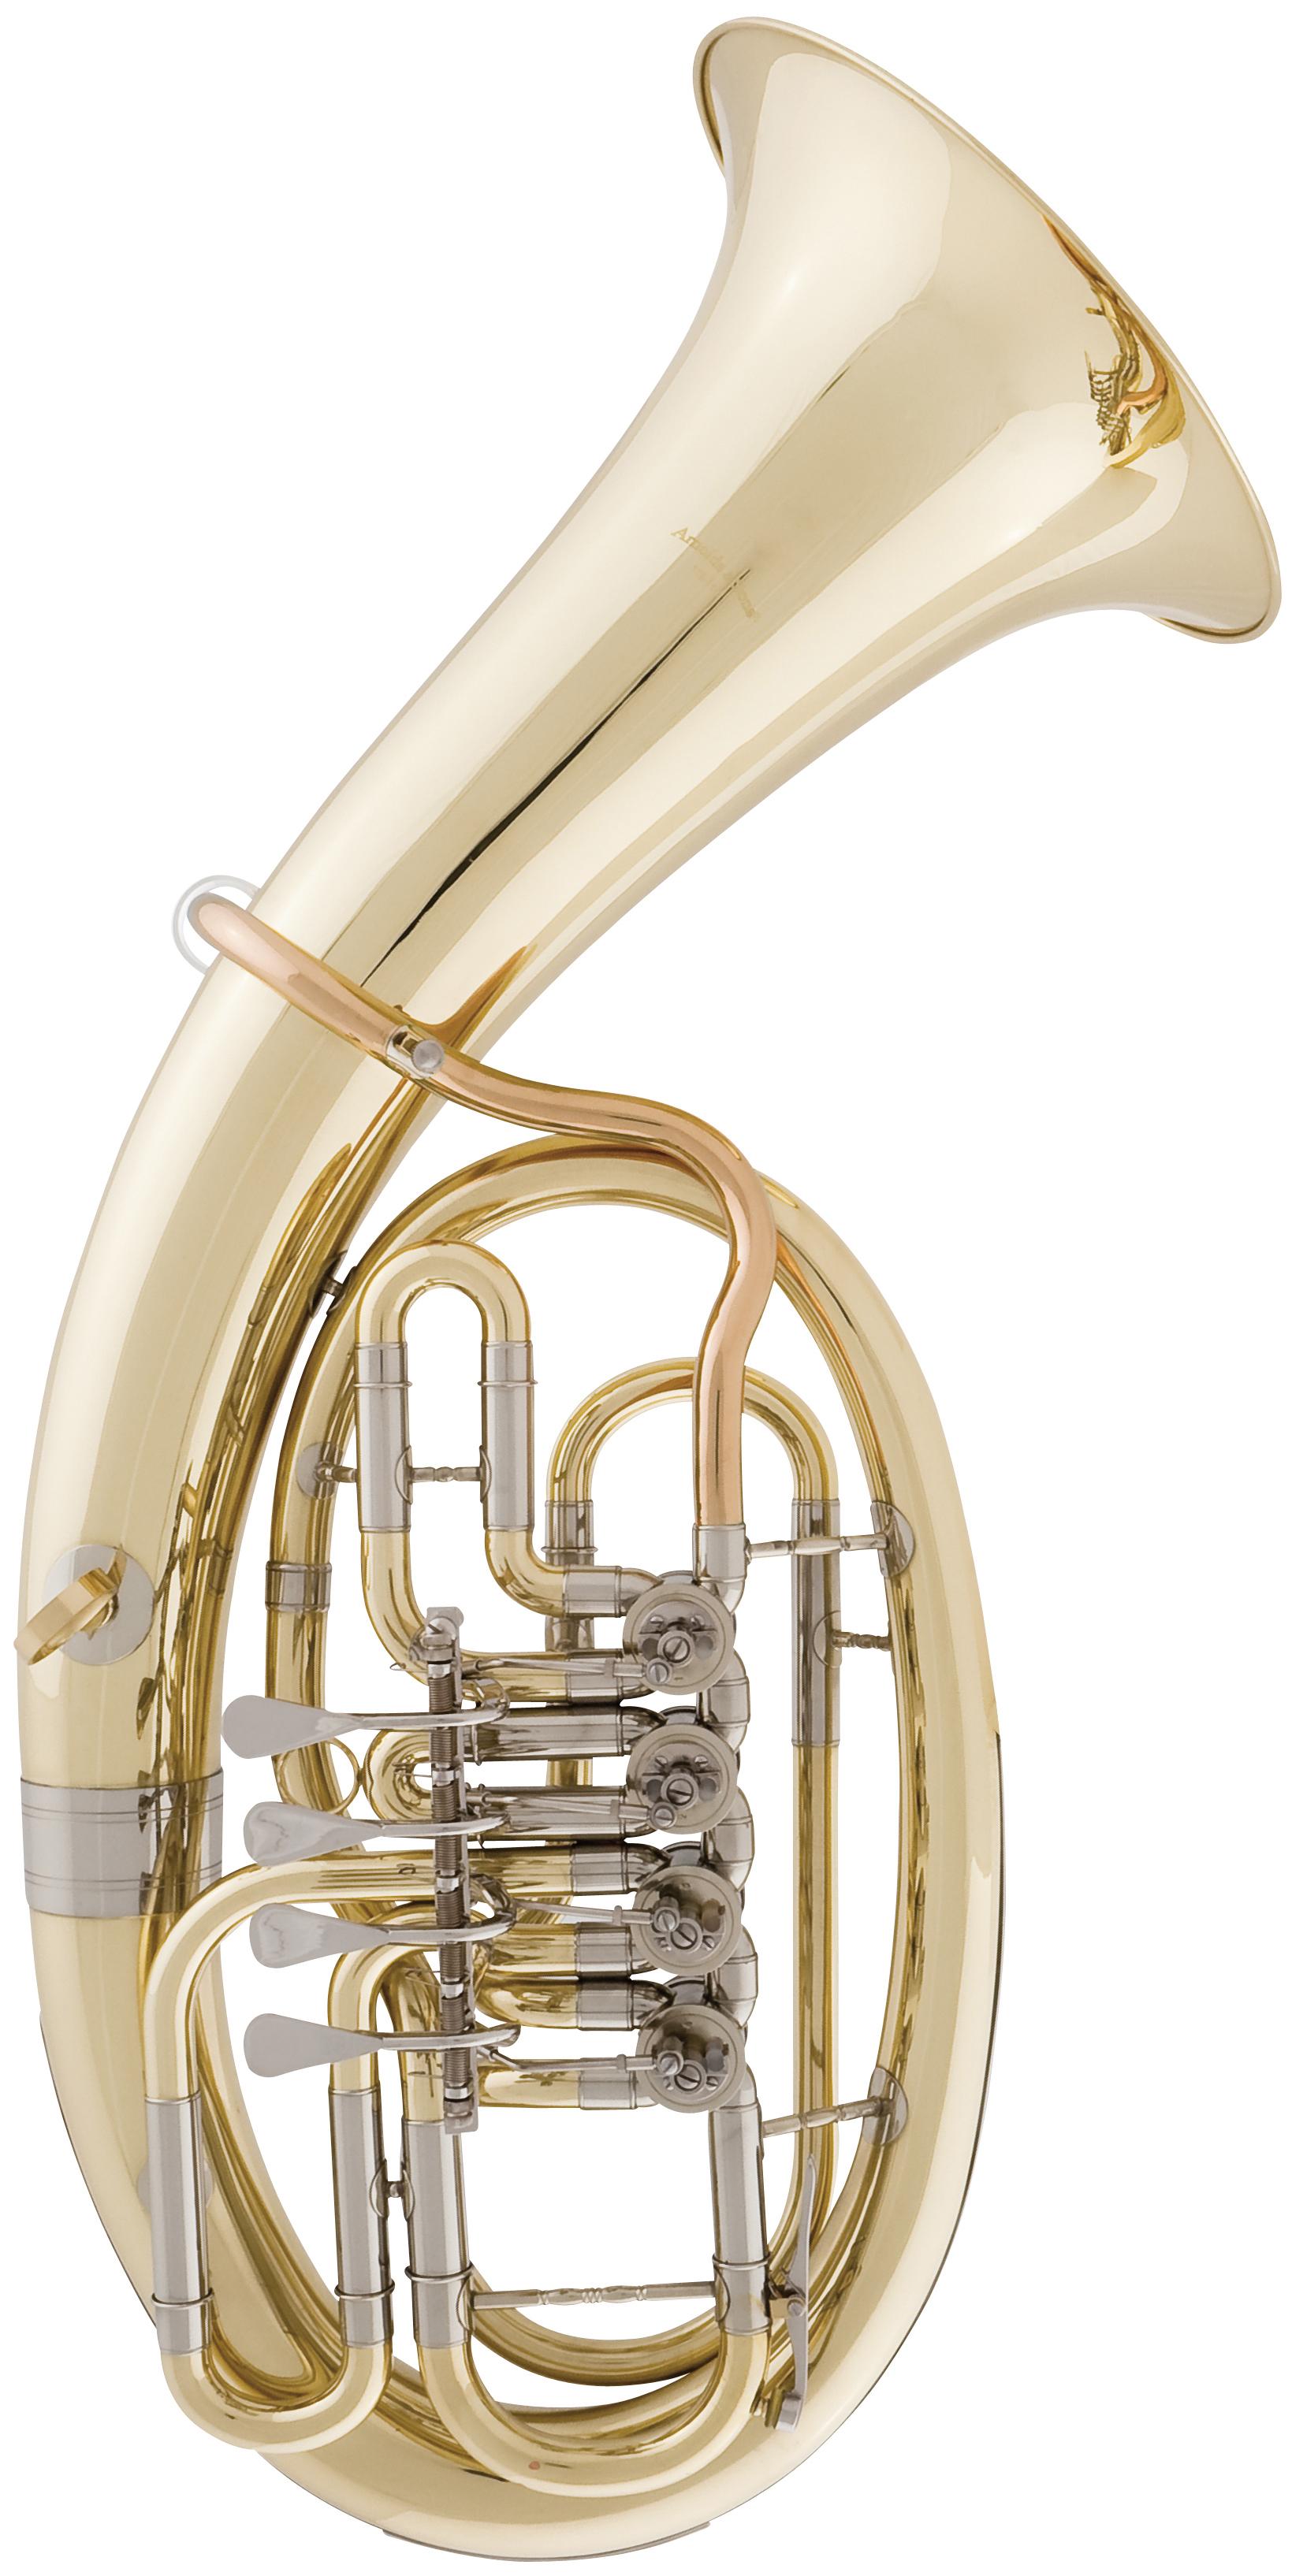 Arnolds & Sons - ABH-300 - Blechblasinstrumente - B-Baritone | MUSIK BERTRAM Deutschland Freiburg